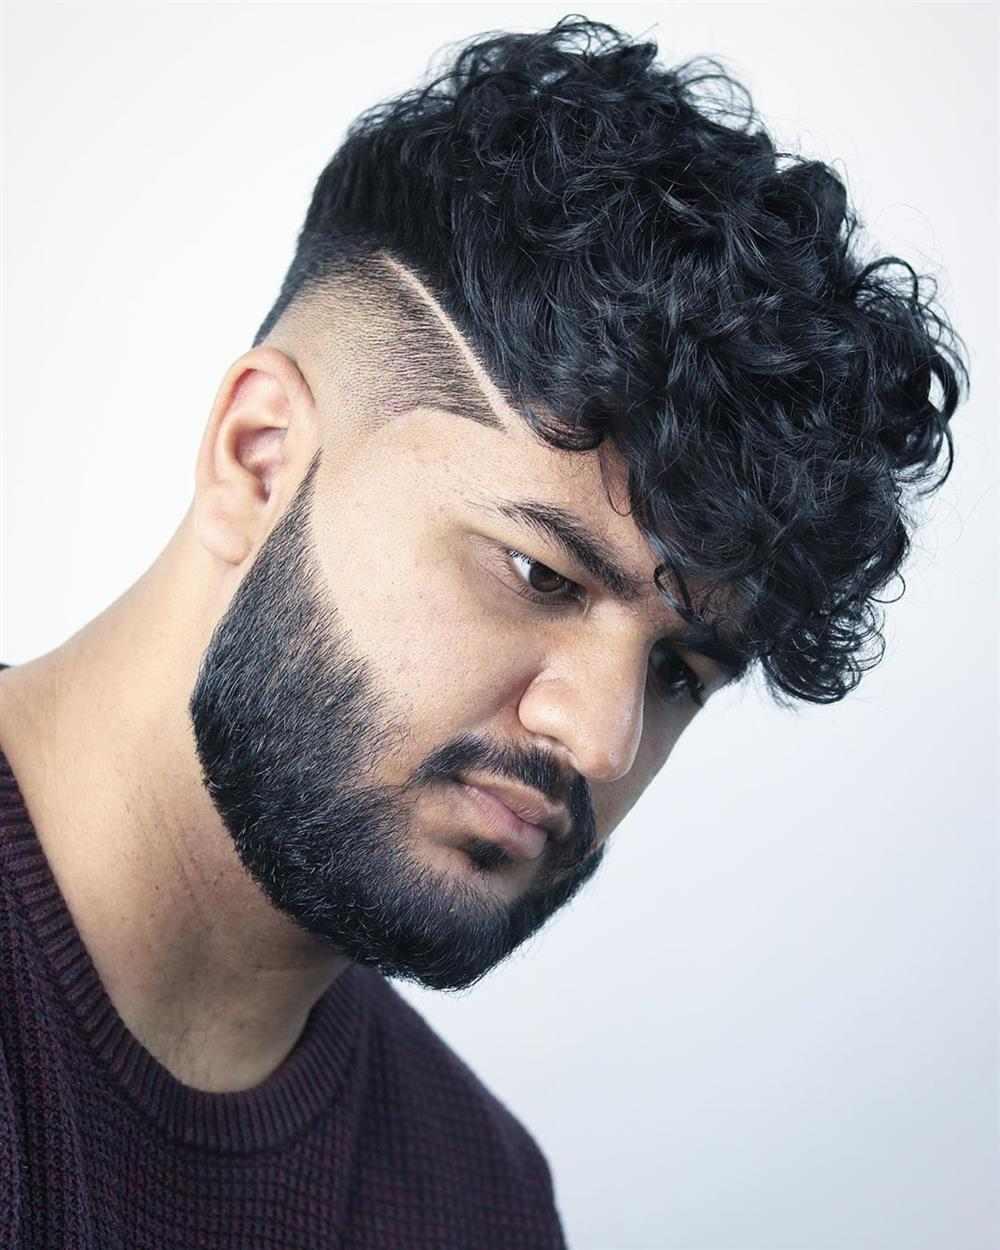 cabelo cacheado com risco